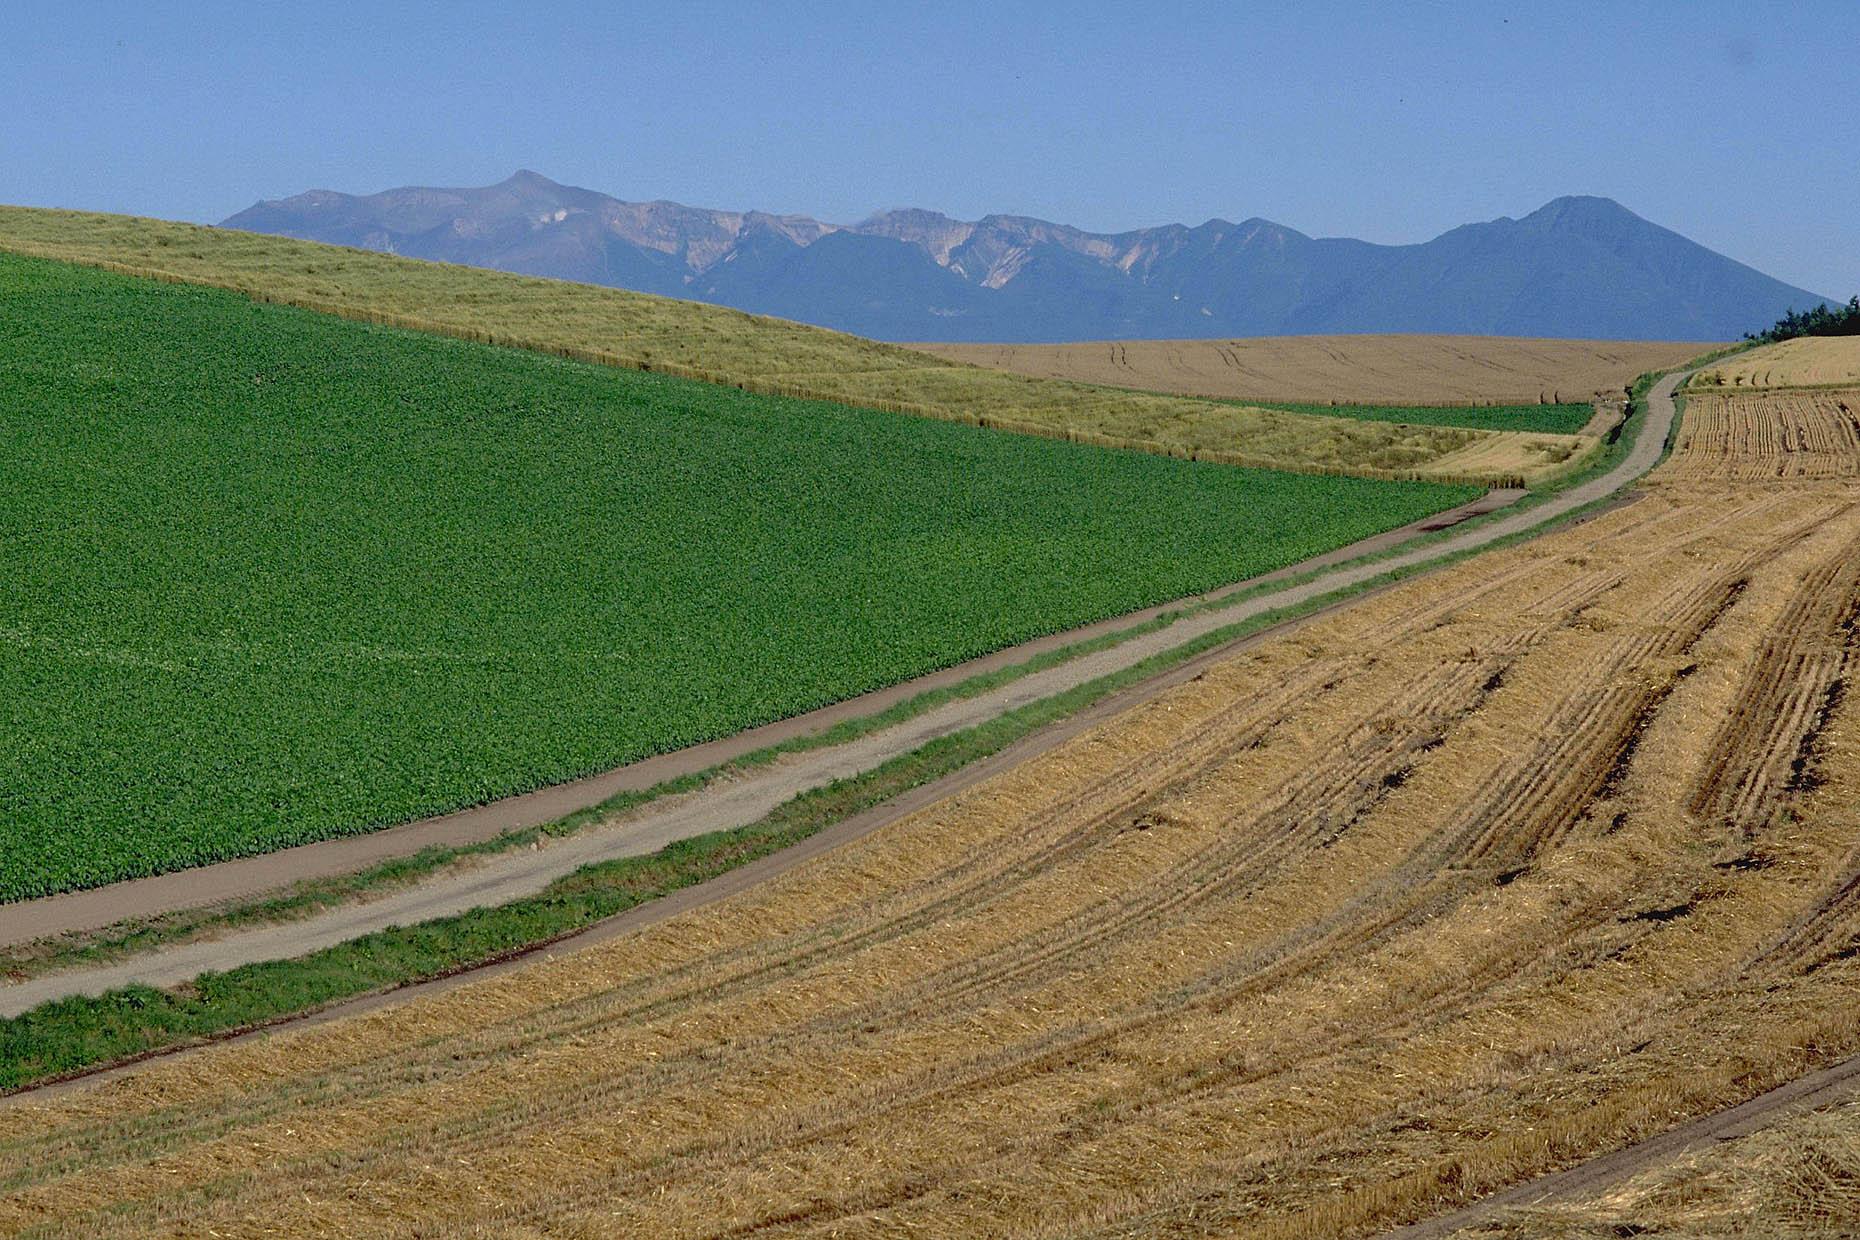 生産人口の減少と農業の合理化、技術革新とは?